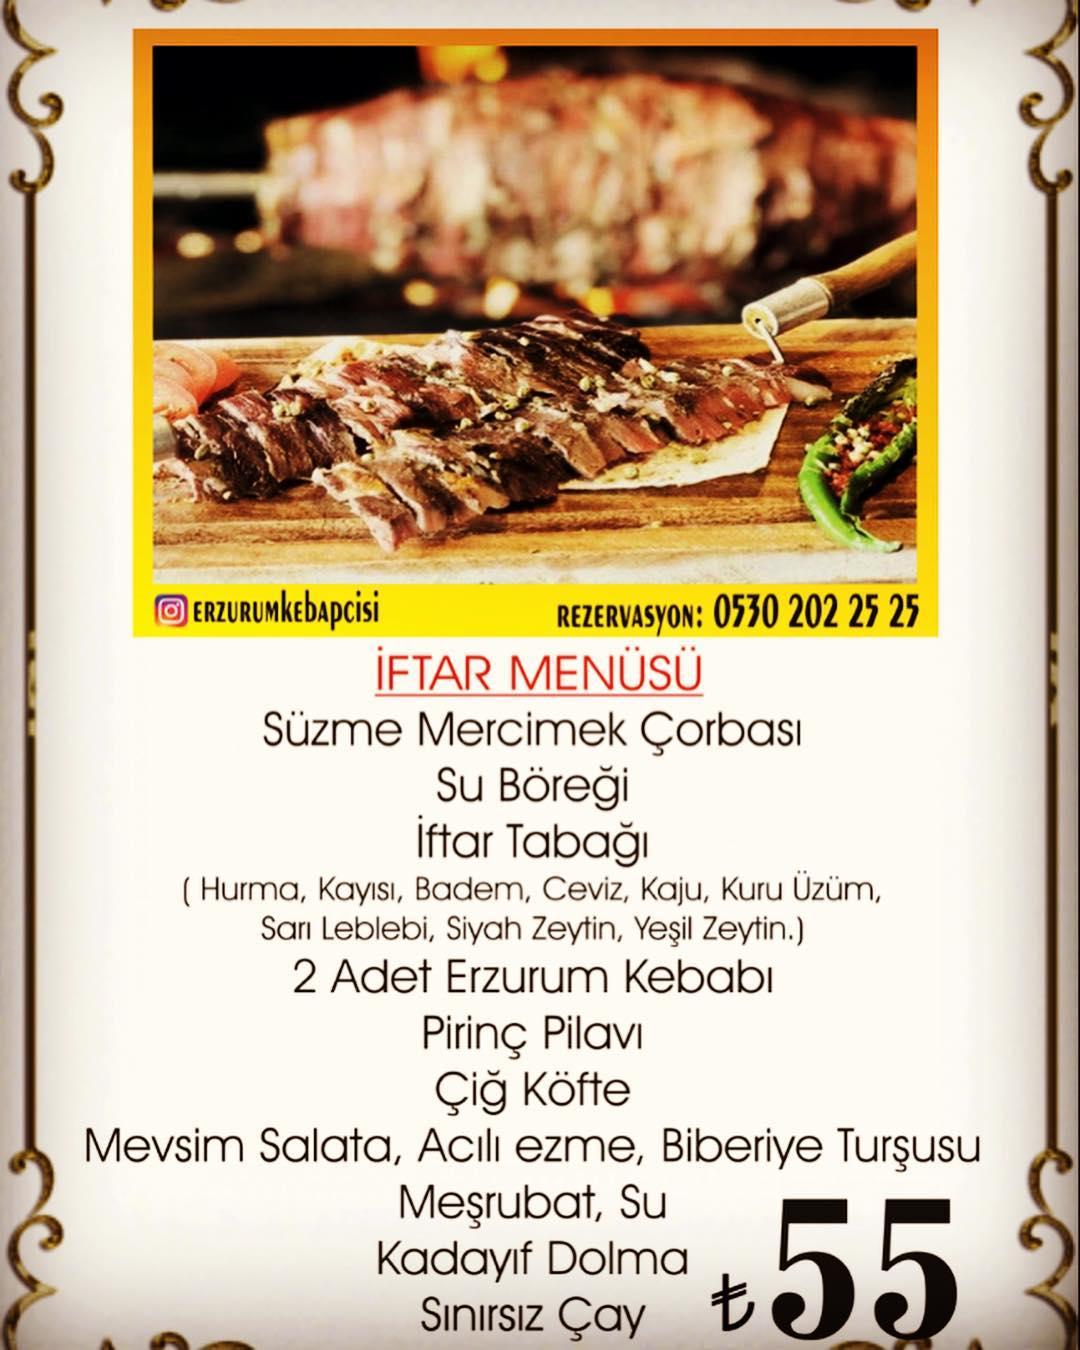 kartal iftar mekanları 2019 anadolu yakası iftar mekanları 2019 iftar menüsü fiyatları 2019